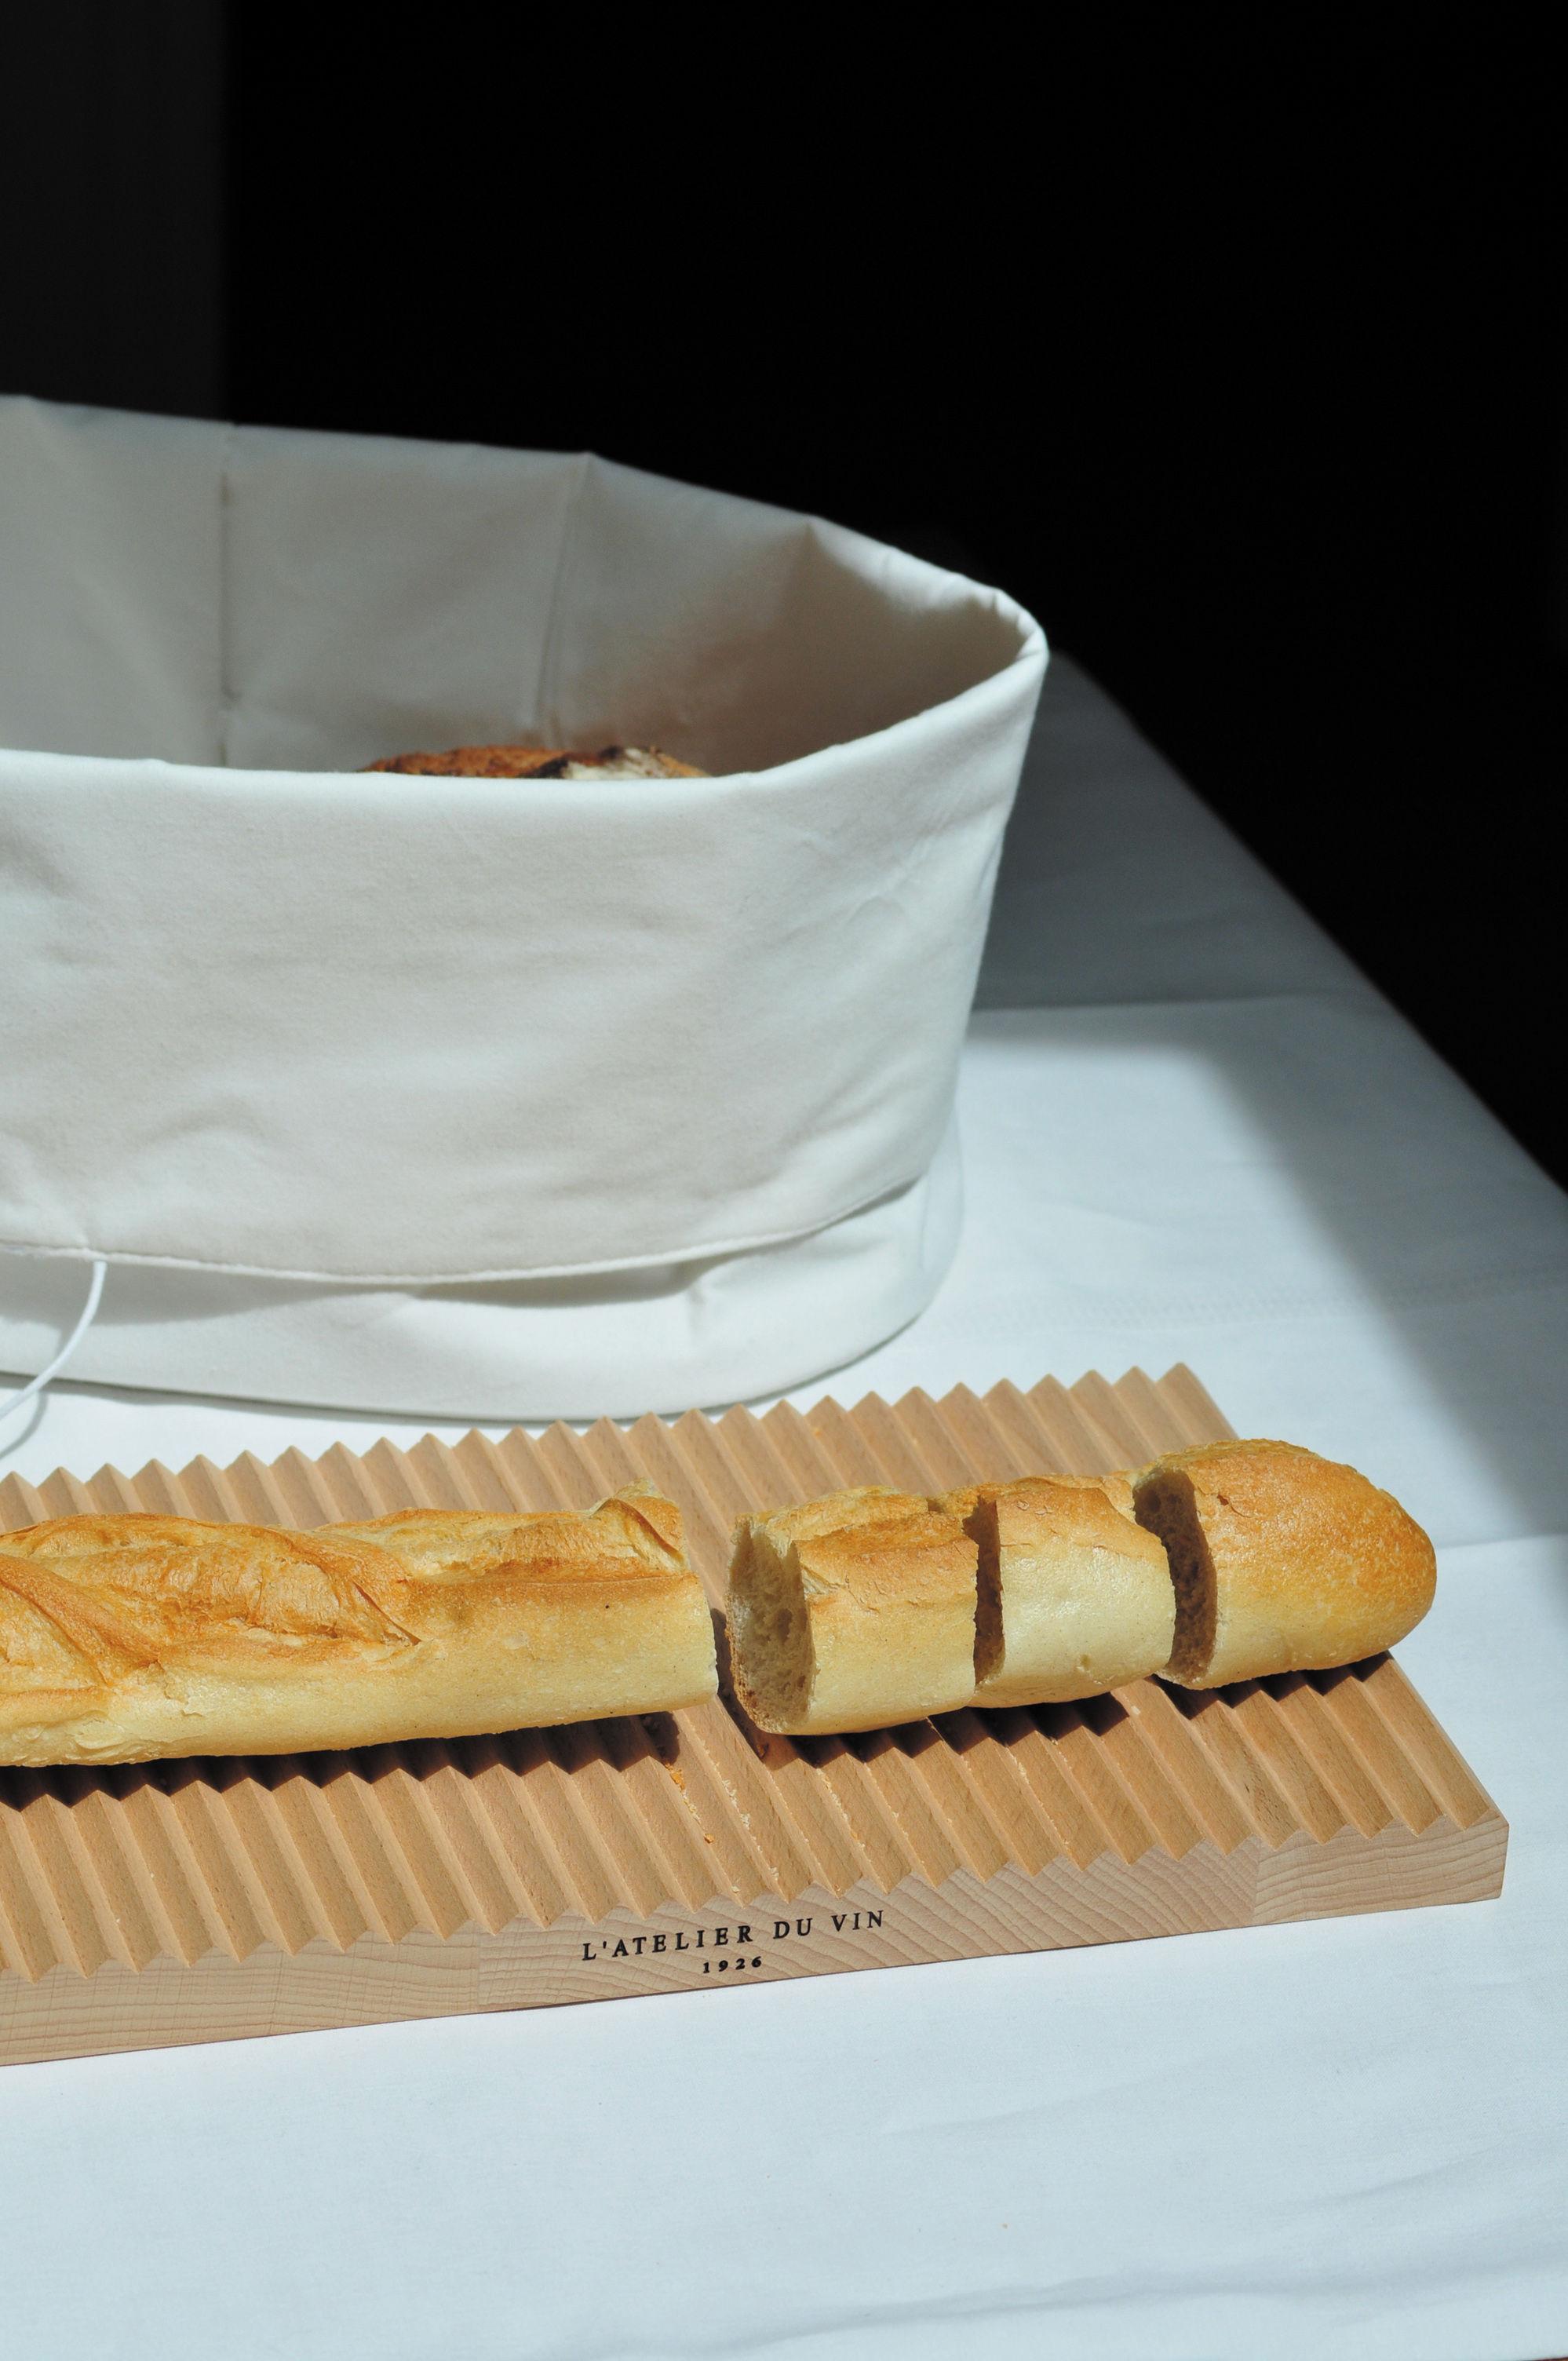 sac pain pour conserver et servir blanc l 39 atelier du vin. Black Bedroom Furniture Sets. Home Design Ideas